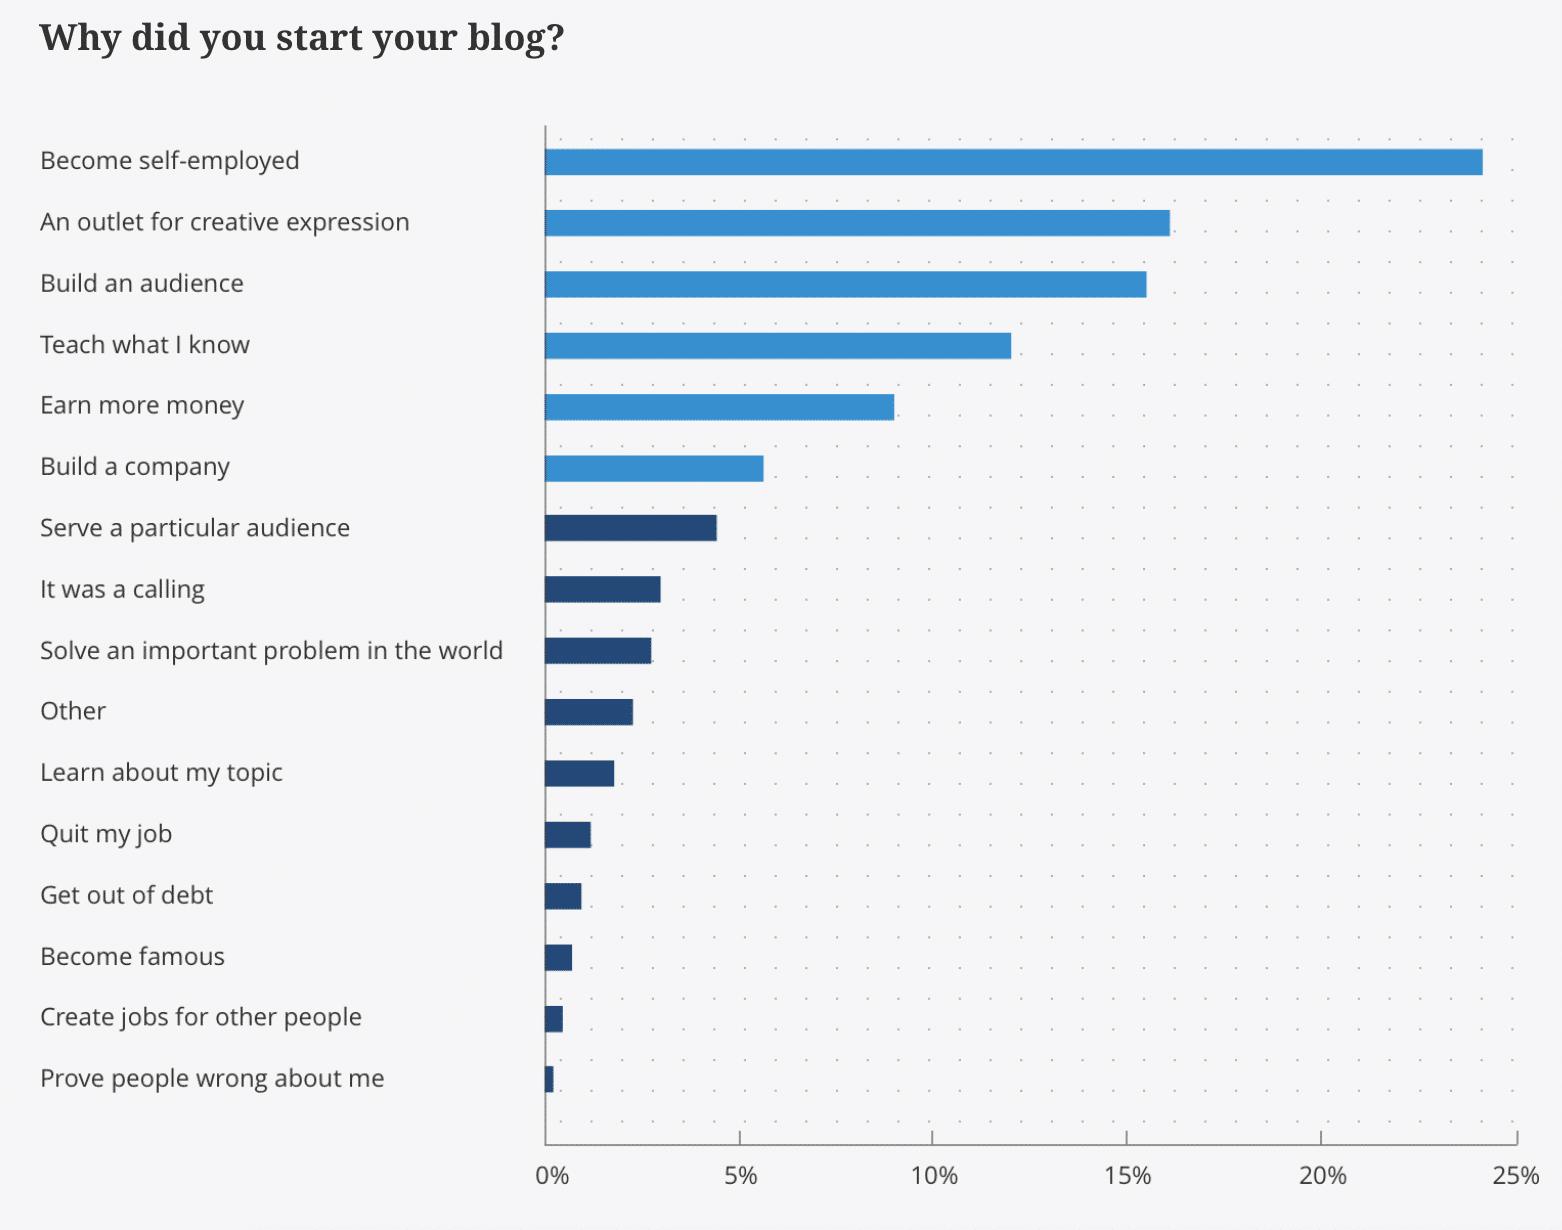 Waarom ben jij begonnen met bloggen?